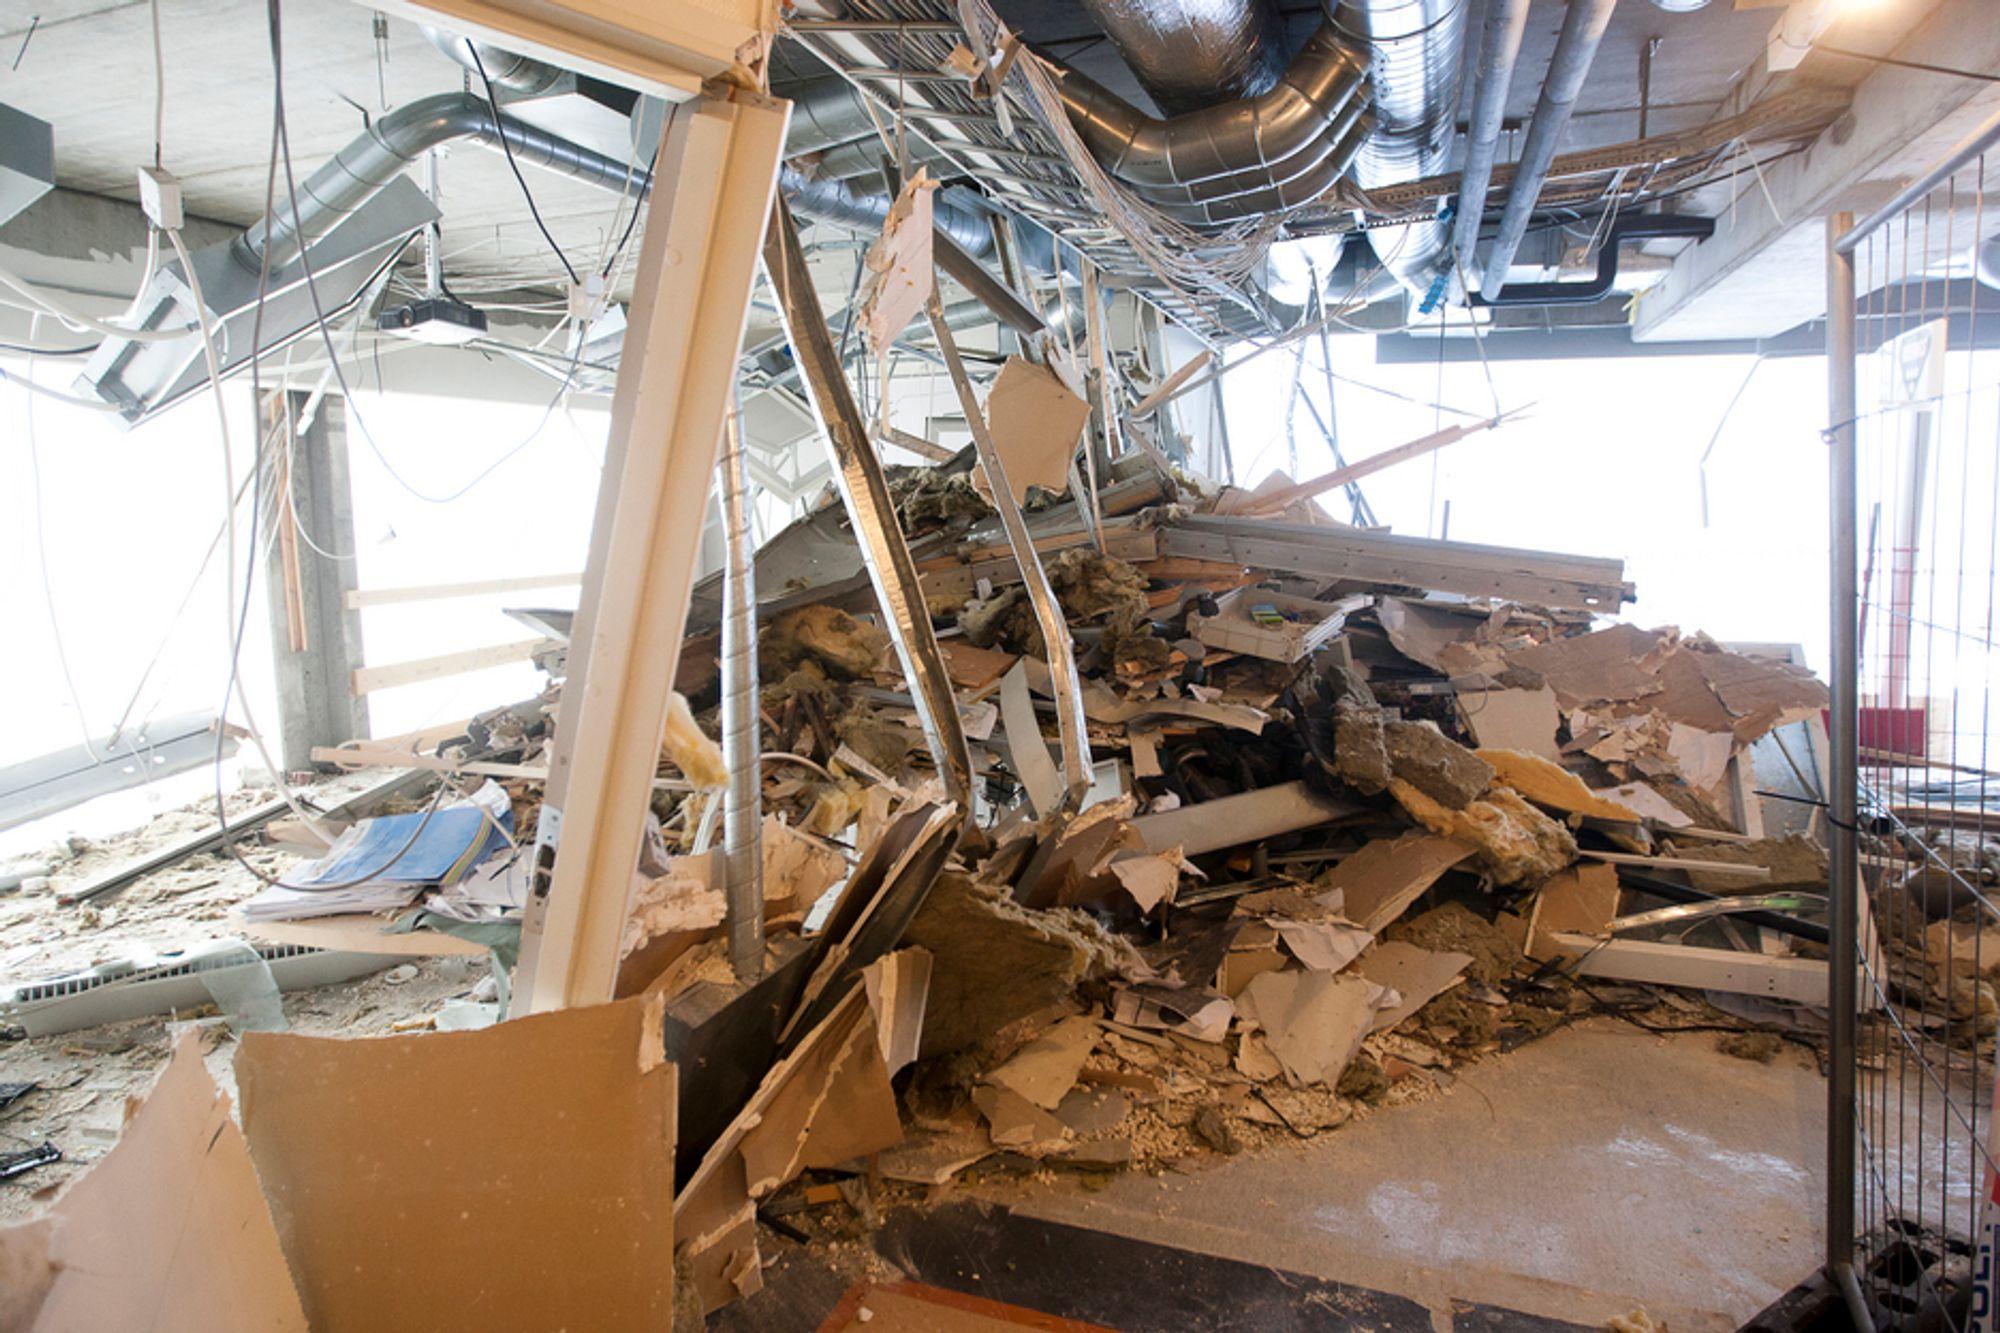 Høyblokka i regjeringskvartalet har tydelige skader, men så lenge skadene på bygningskonstruksjonen ikke er alvorlige, mener riksantikvaren at høyblokka skal få stå.